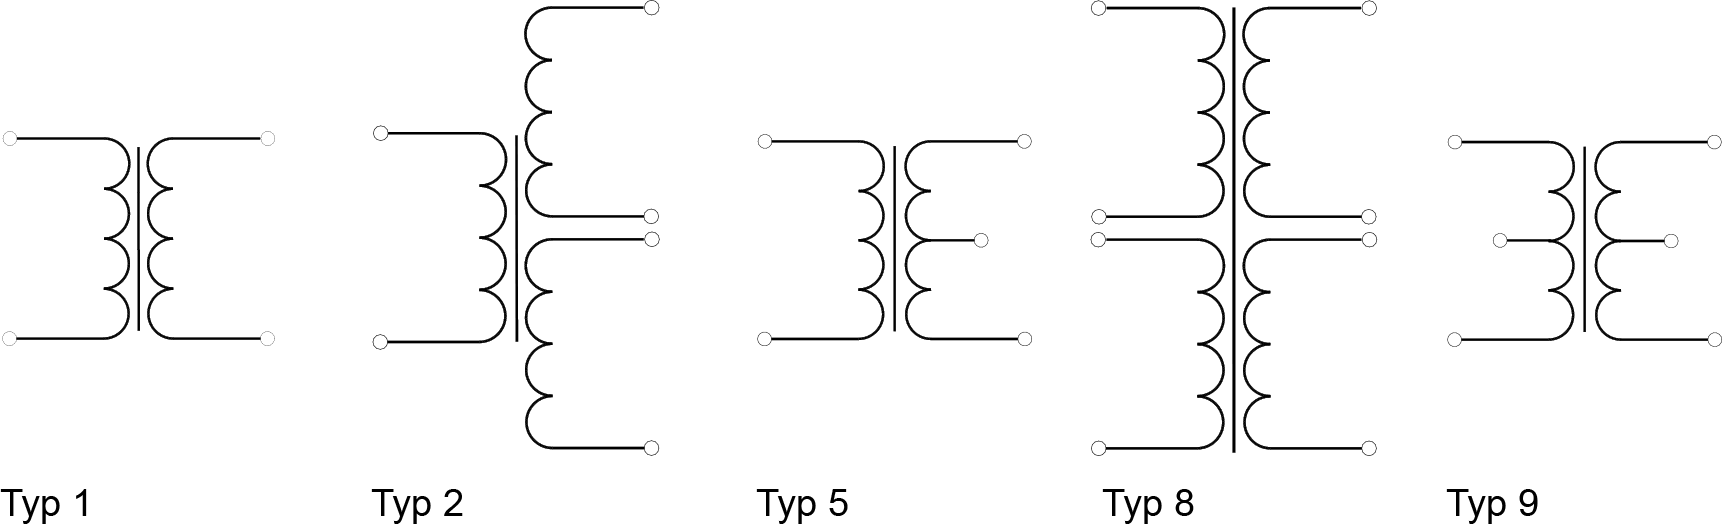 Schaltbilder-SMD-Ringkernuebertrager